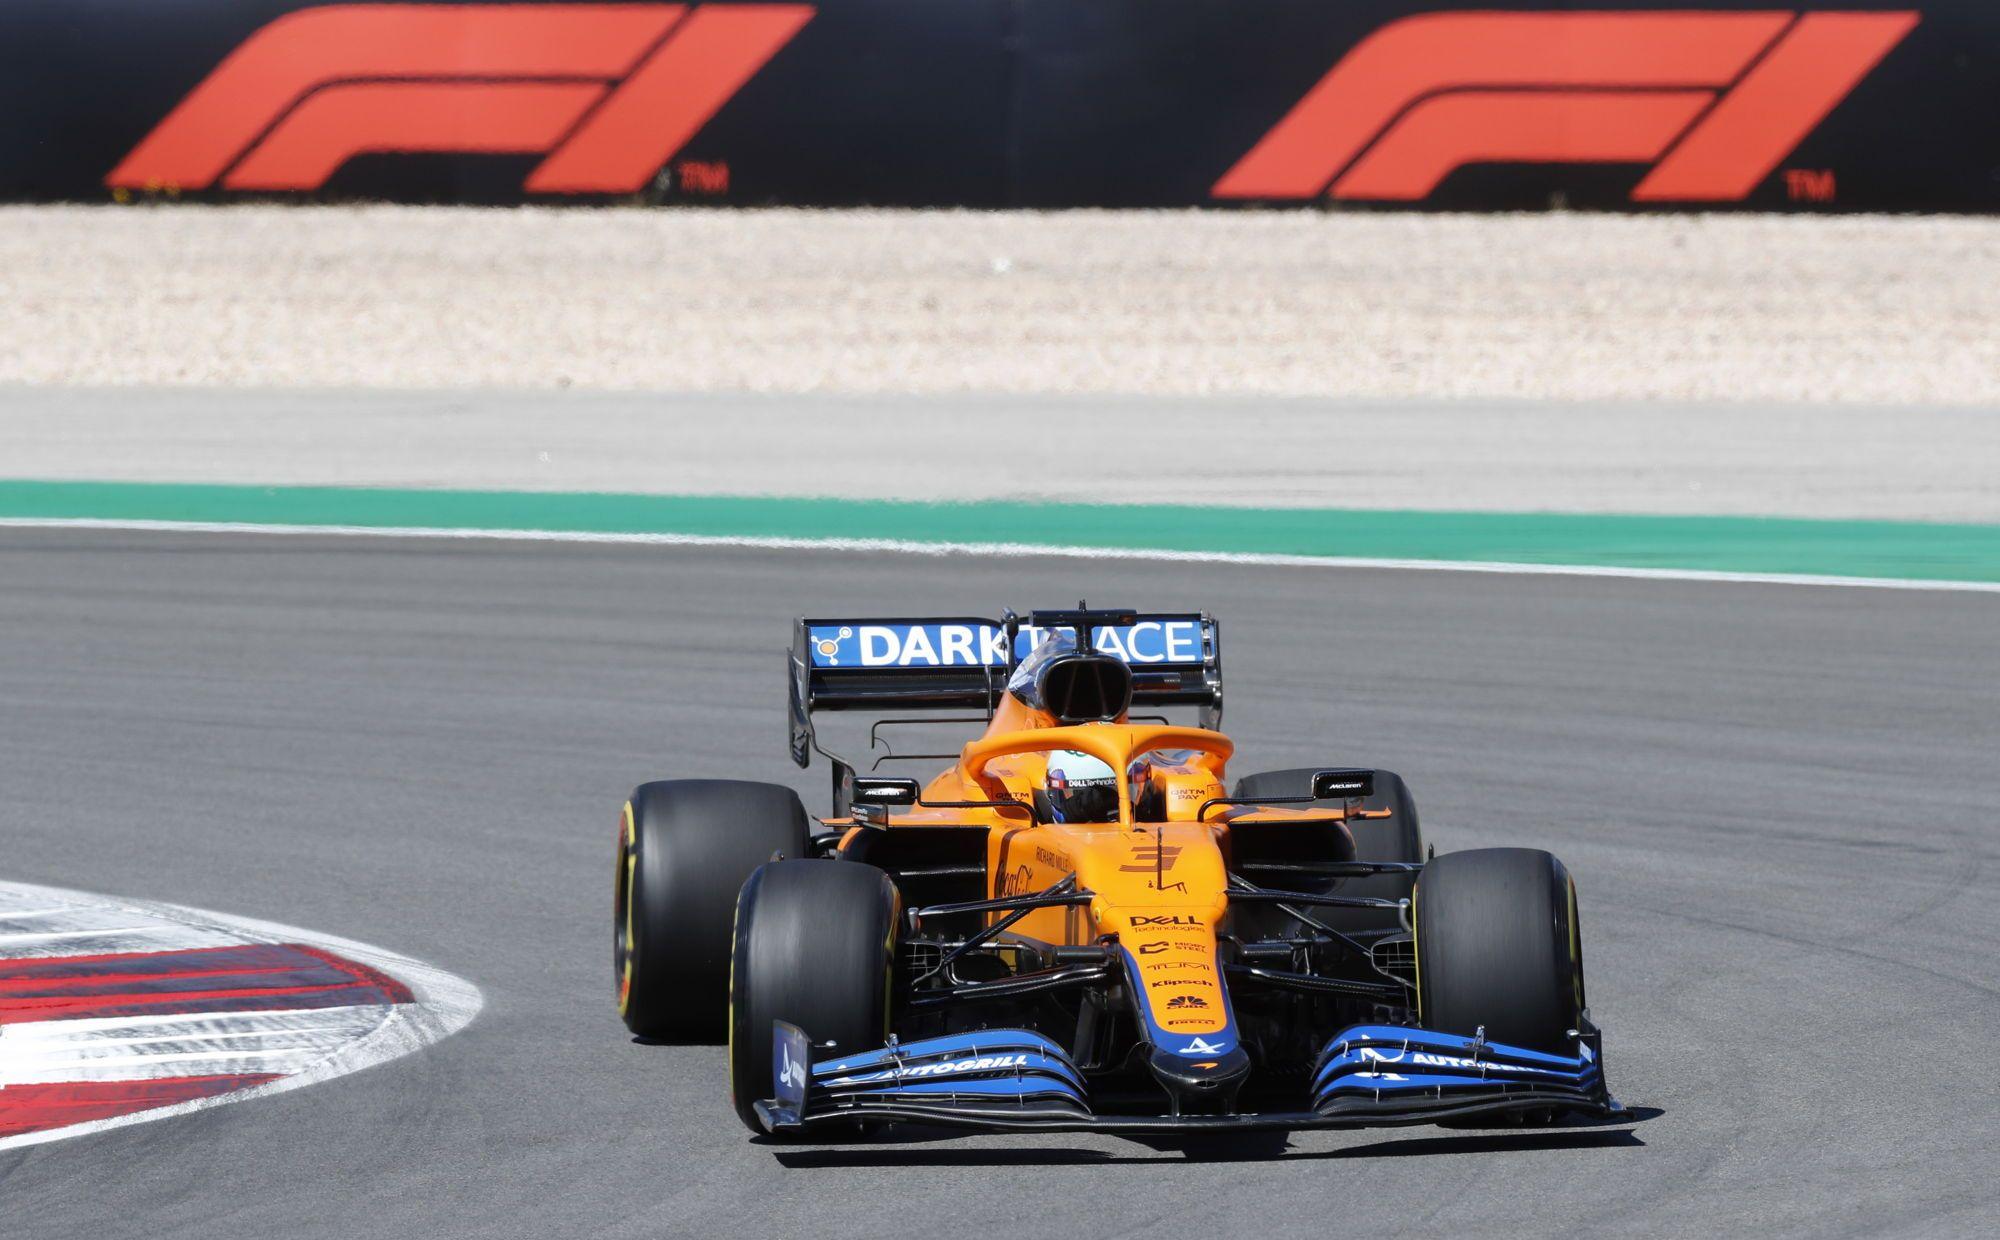 Prastai pasirodęs D. Ricciardo: nežinau kas nutiko